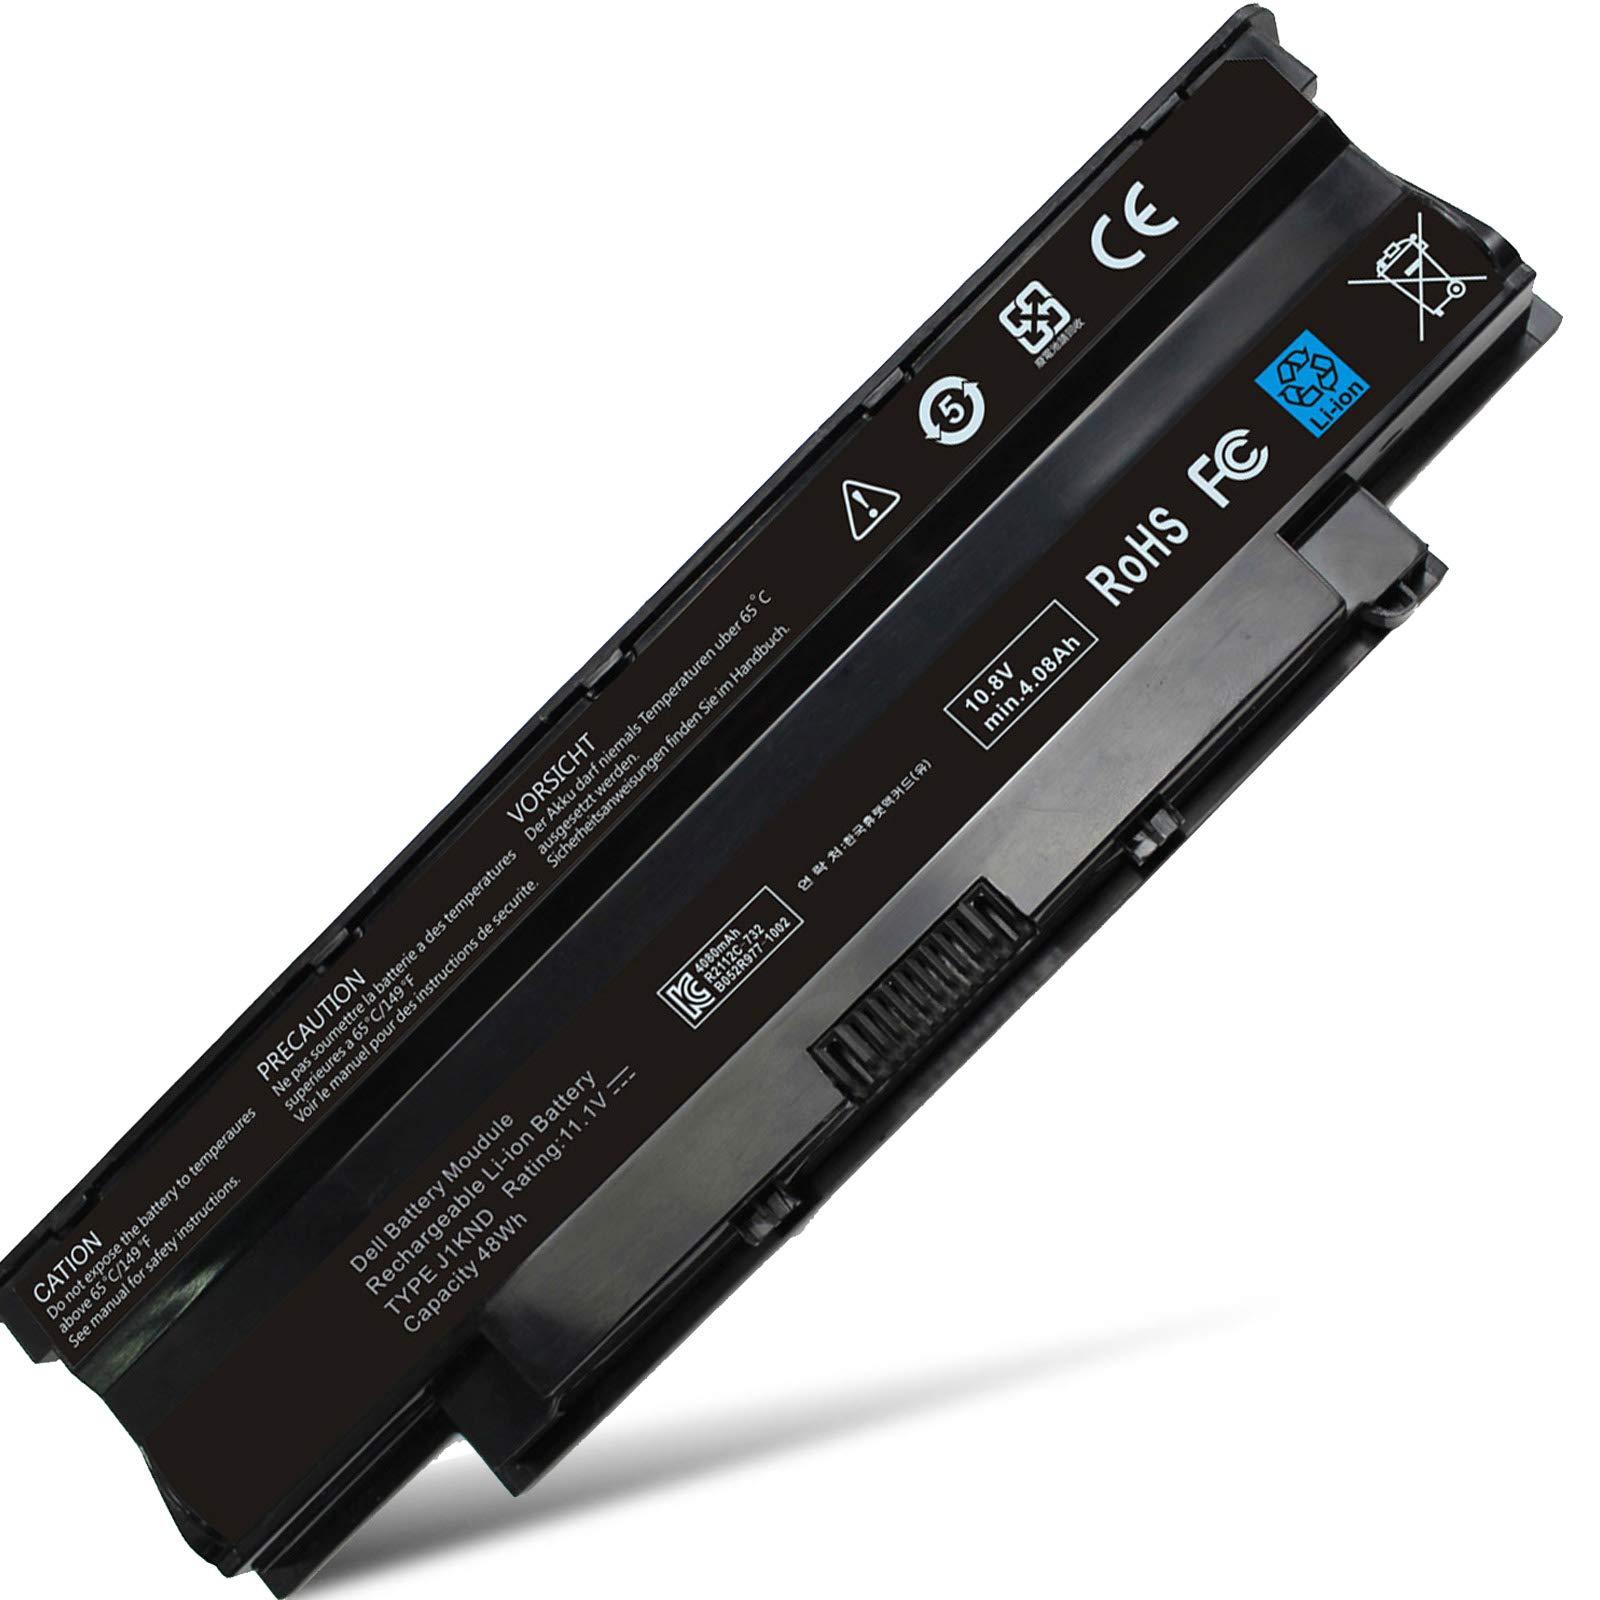 Bateria J1KND para Dell Inspiron 14R N4010 15R N5110 17R N7010 13R N3010 3420 3520 M5110 M4110 M501 M503 N5010 N4110 N71